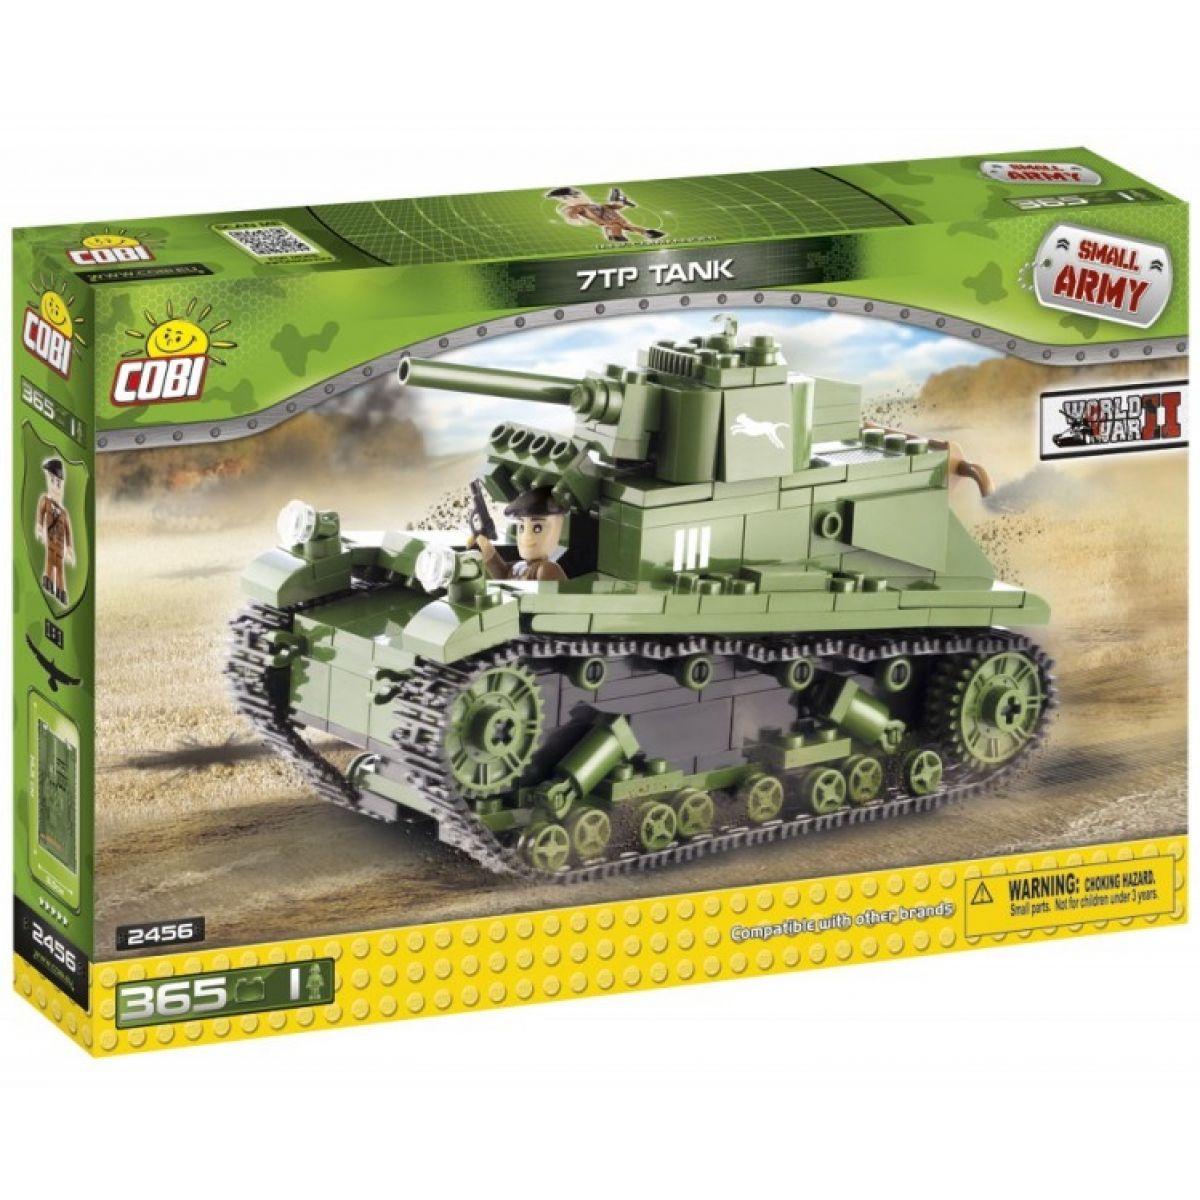 Cobi 2456 Malá armáda II. světová válka Polský tank 7TP